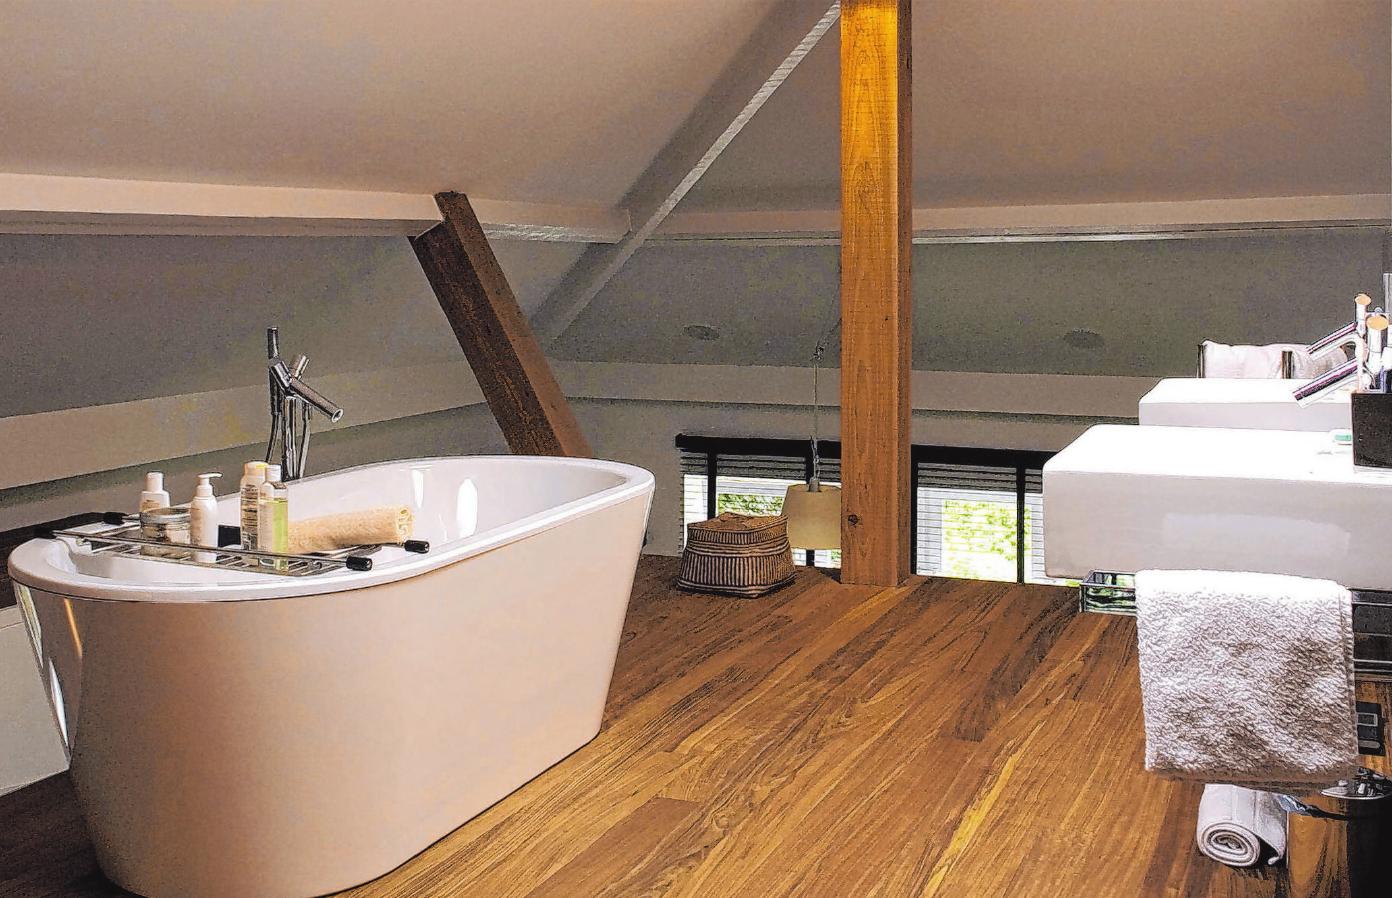 Holz als schöne Alternative - Metzingen - Südwest Presse